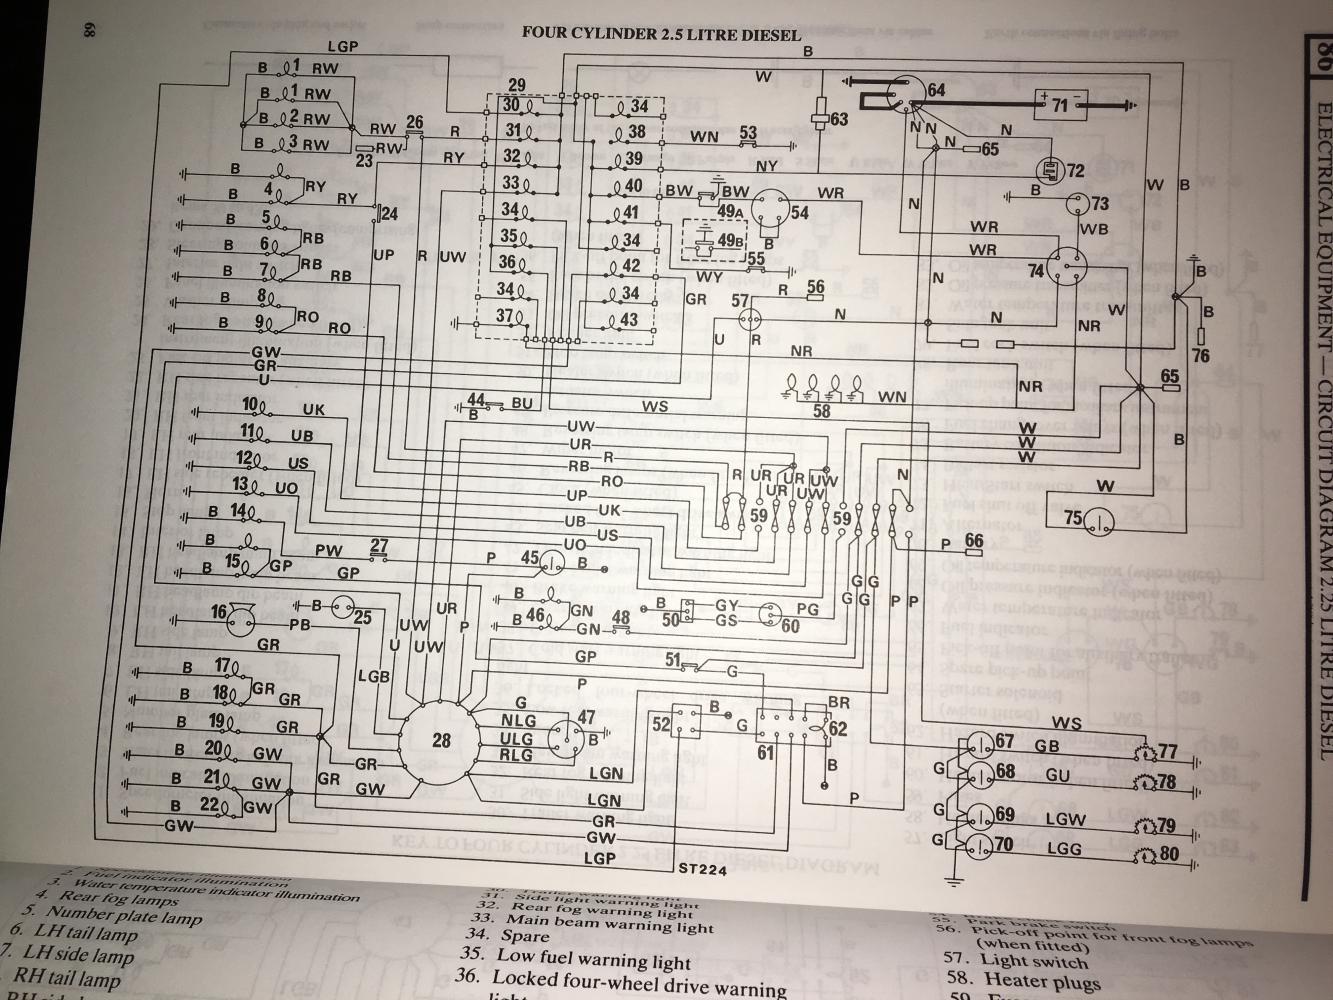 defender 90 wiring diagrams early row wiring diagram  defender source forum  early row wiring diagram  defender